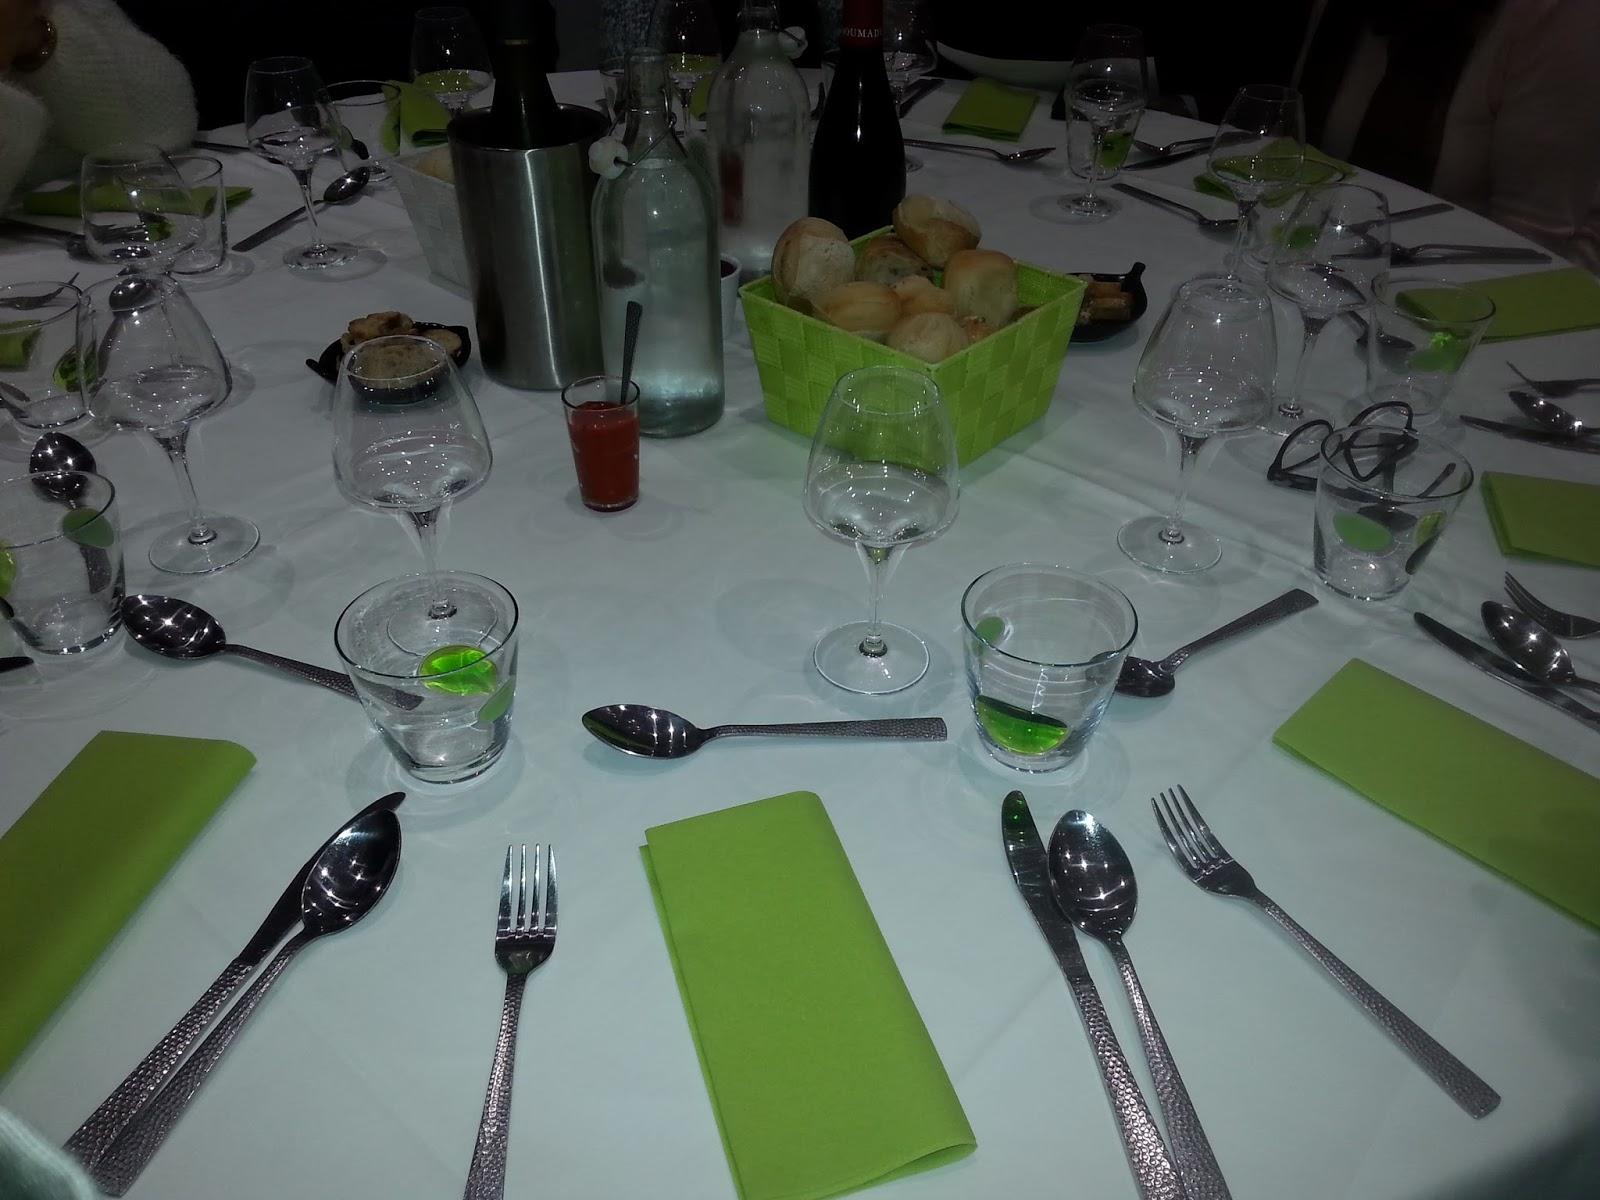 Food addict le verre y table jarnac - Restaurant viroflay le verre y table ...